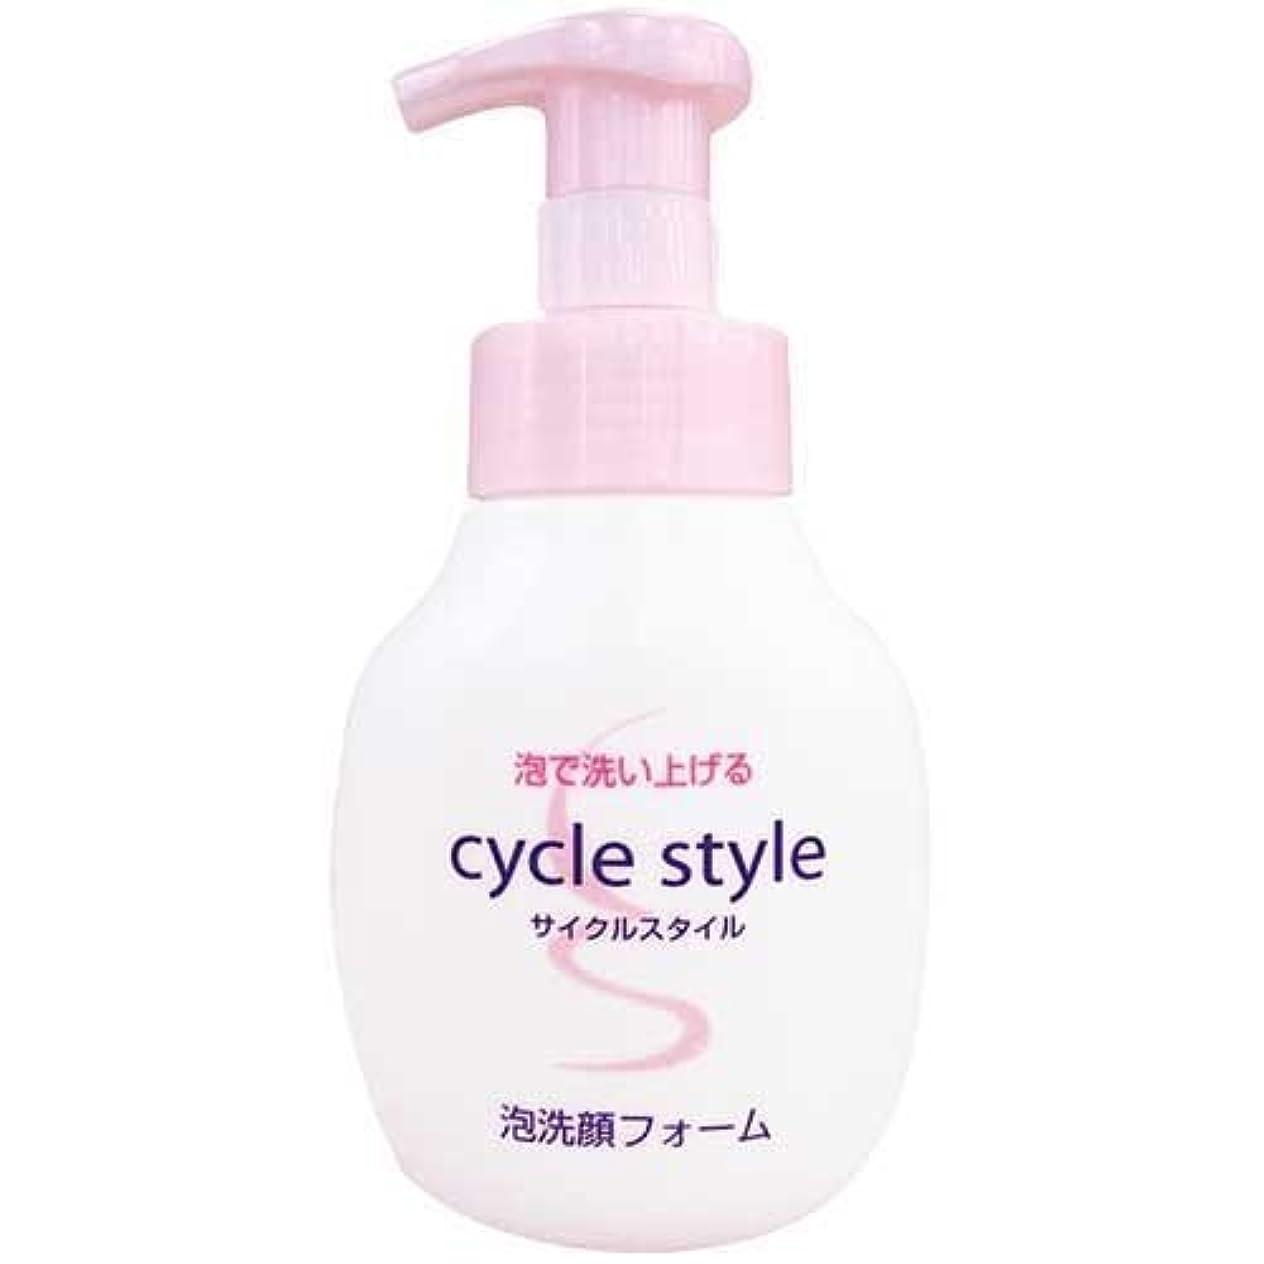 もろい野ウサギ相反するサイクルスタイル 泡洗顔フォーム 本体 250ml 【まとめ買い120個セット】